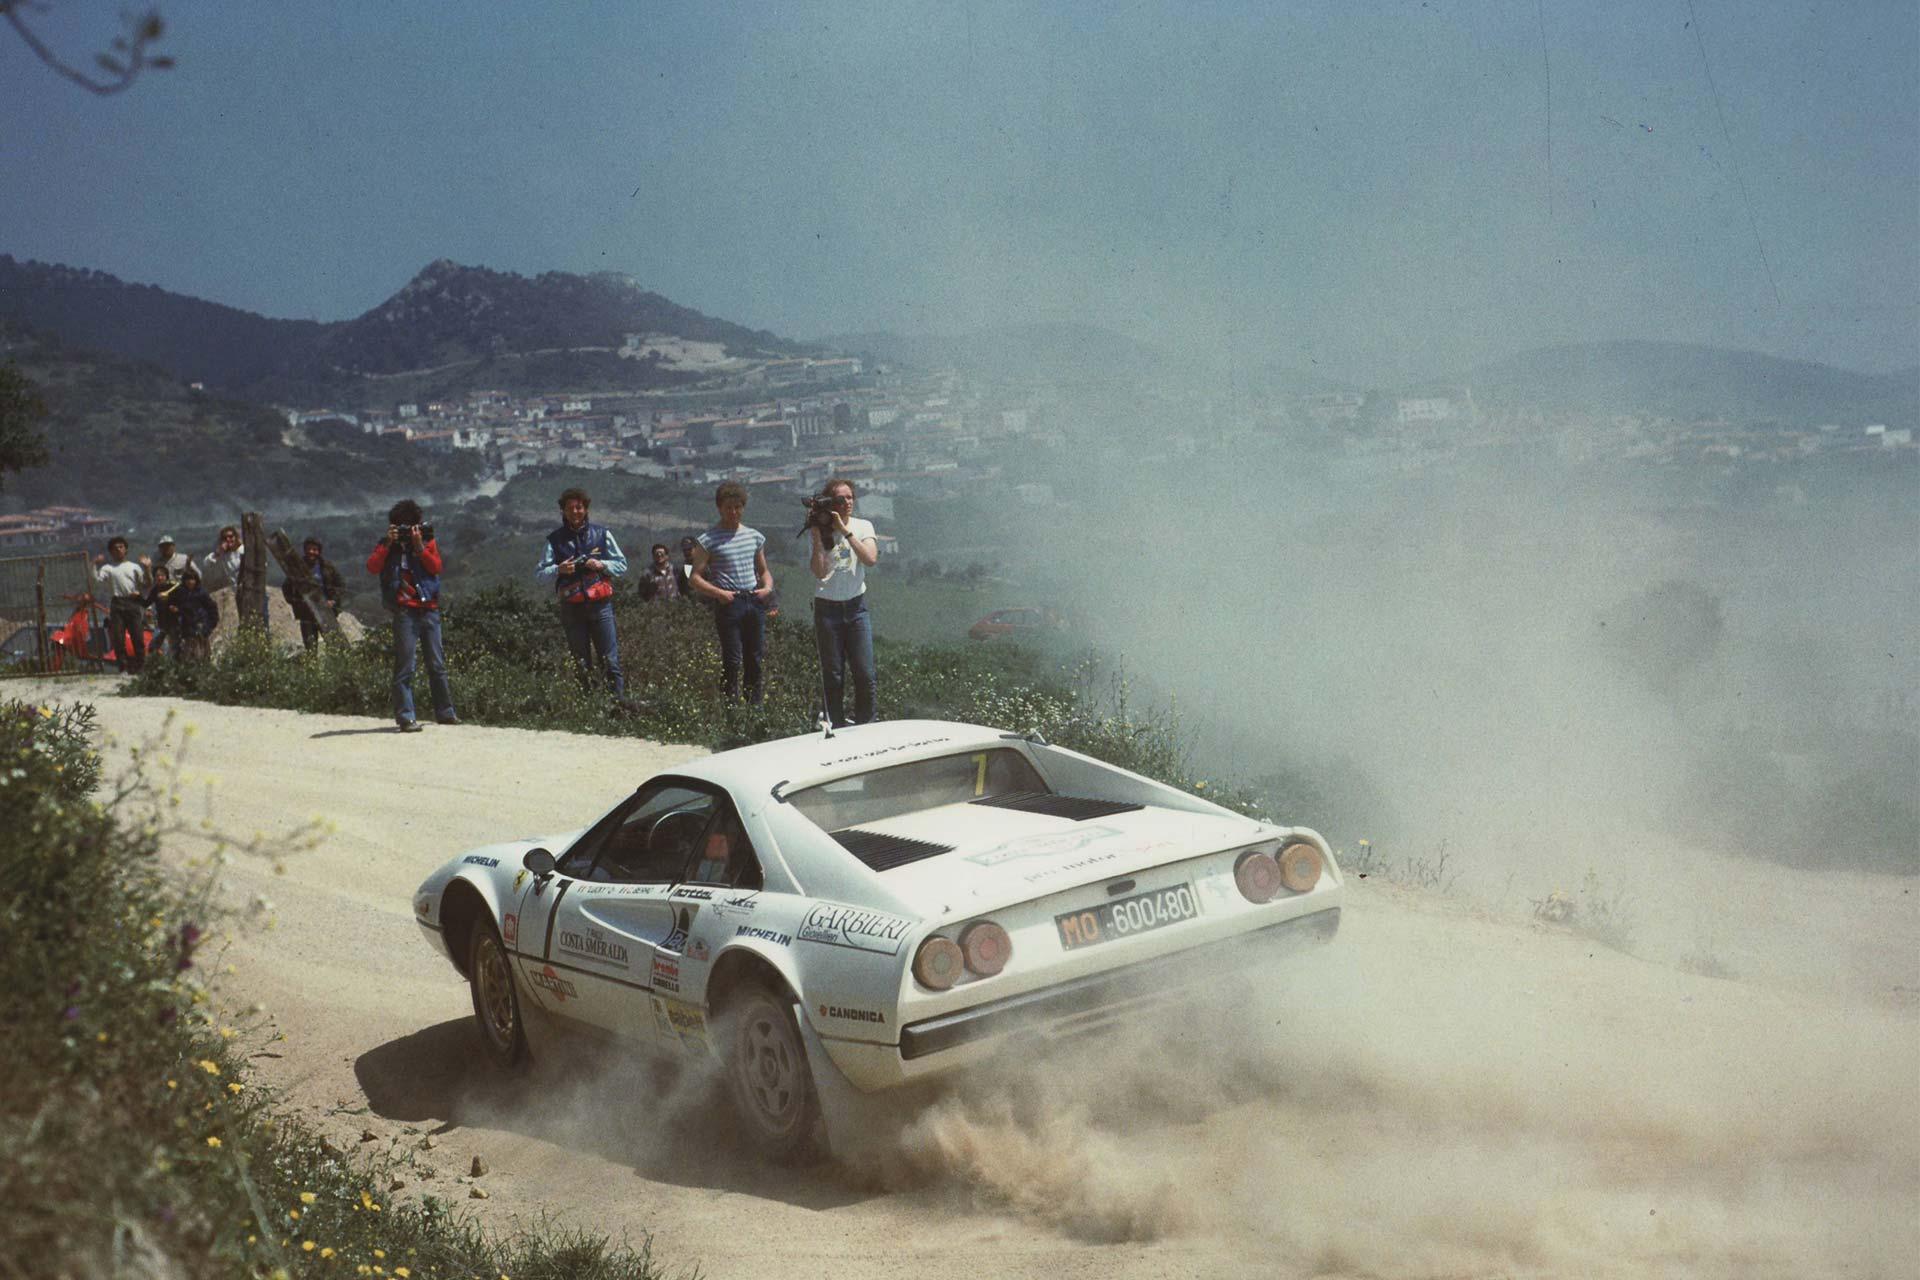 Ferrari-308-GTB-Michelotto-Group-B-for-sale-20